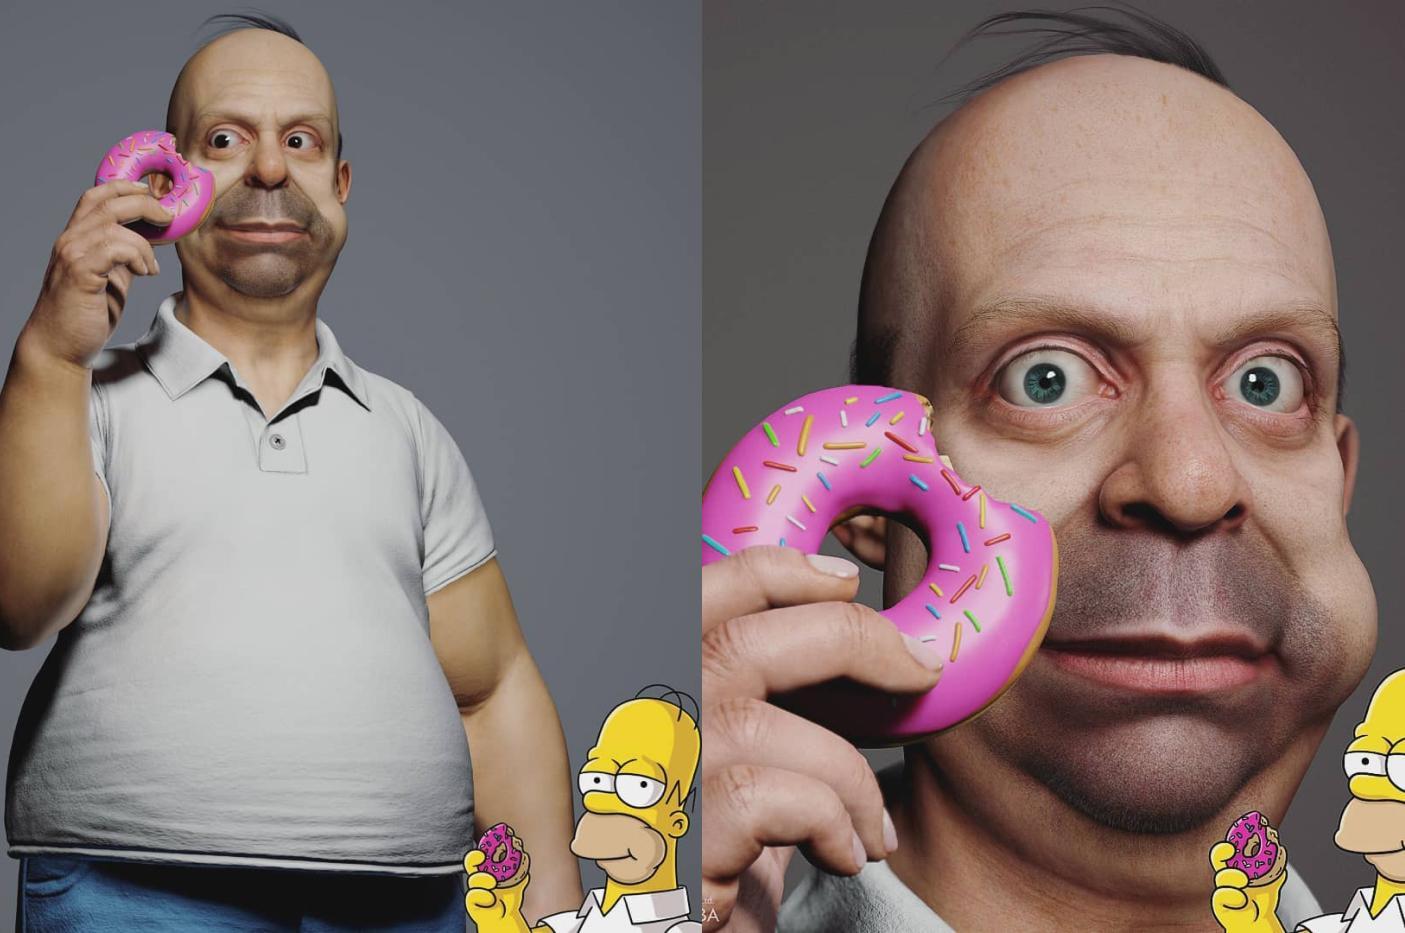 Семью Симпсонов оживили с помощью 3D-моделей, но увиденное хочется забыть как можно быстрее